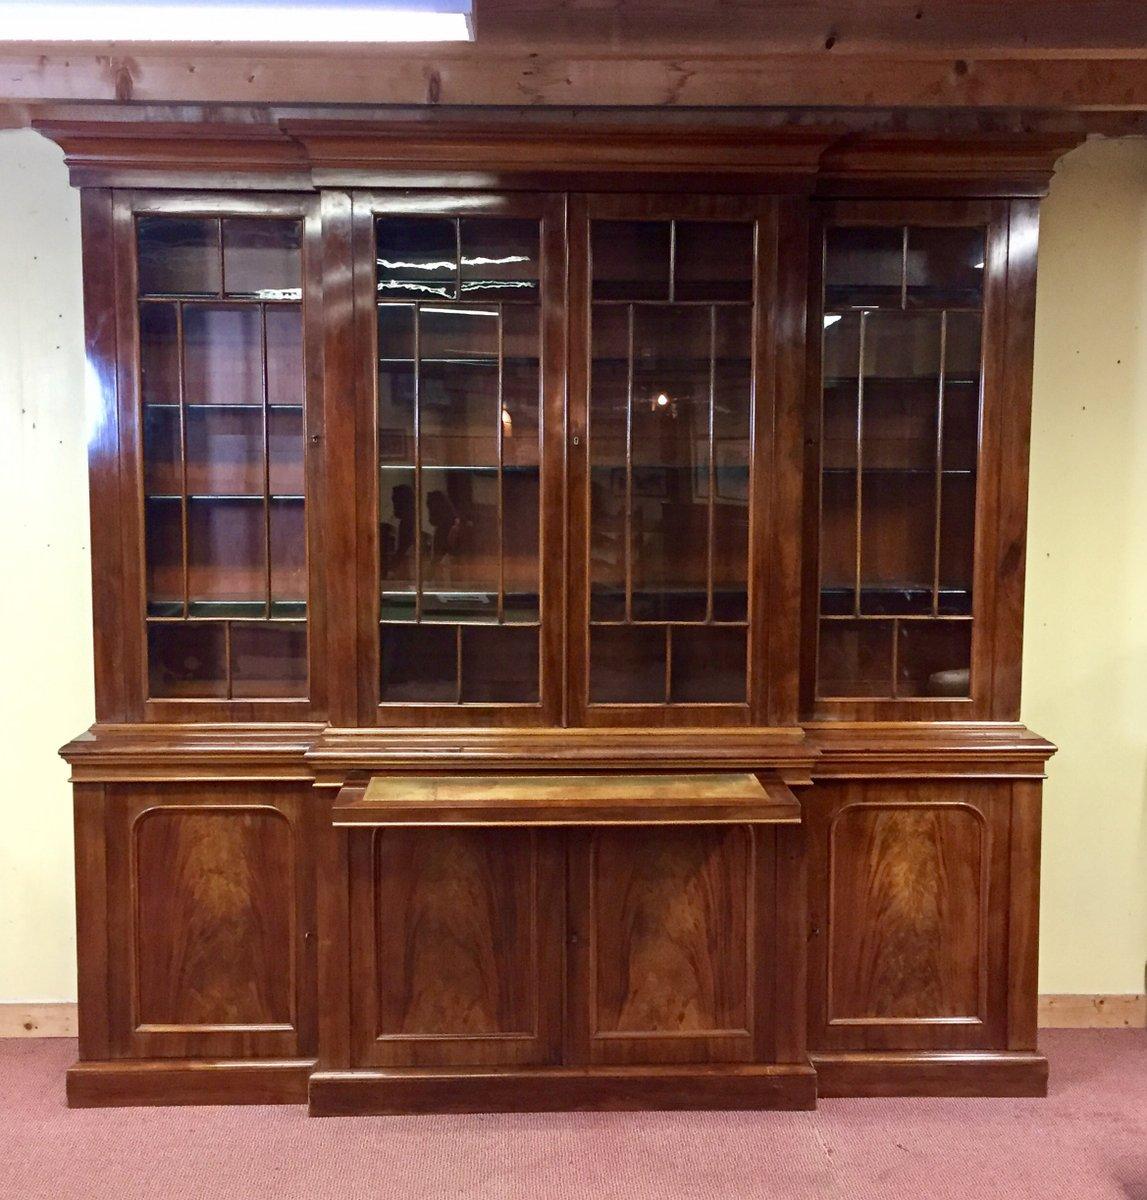 viktorianischer antiker schrank aus mahagoni mit vitrine bei pamono kaufen. Black Bedroom Furniture Sets. Home Design Ideas